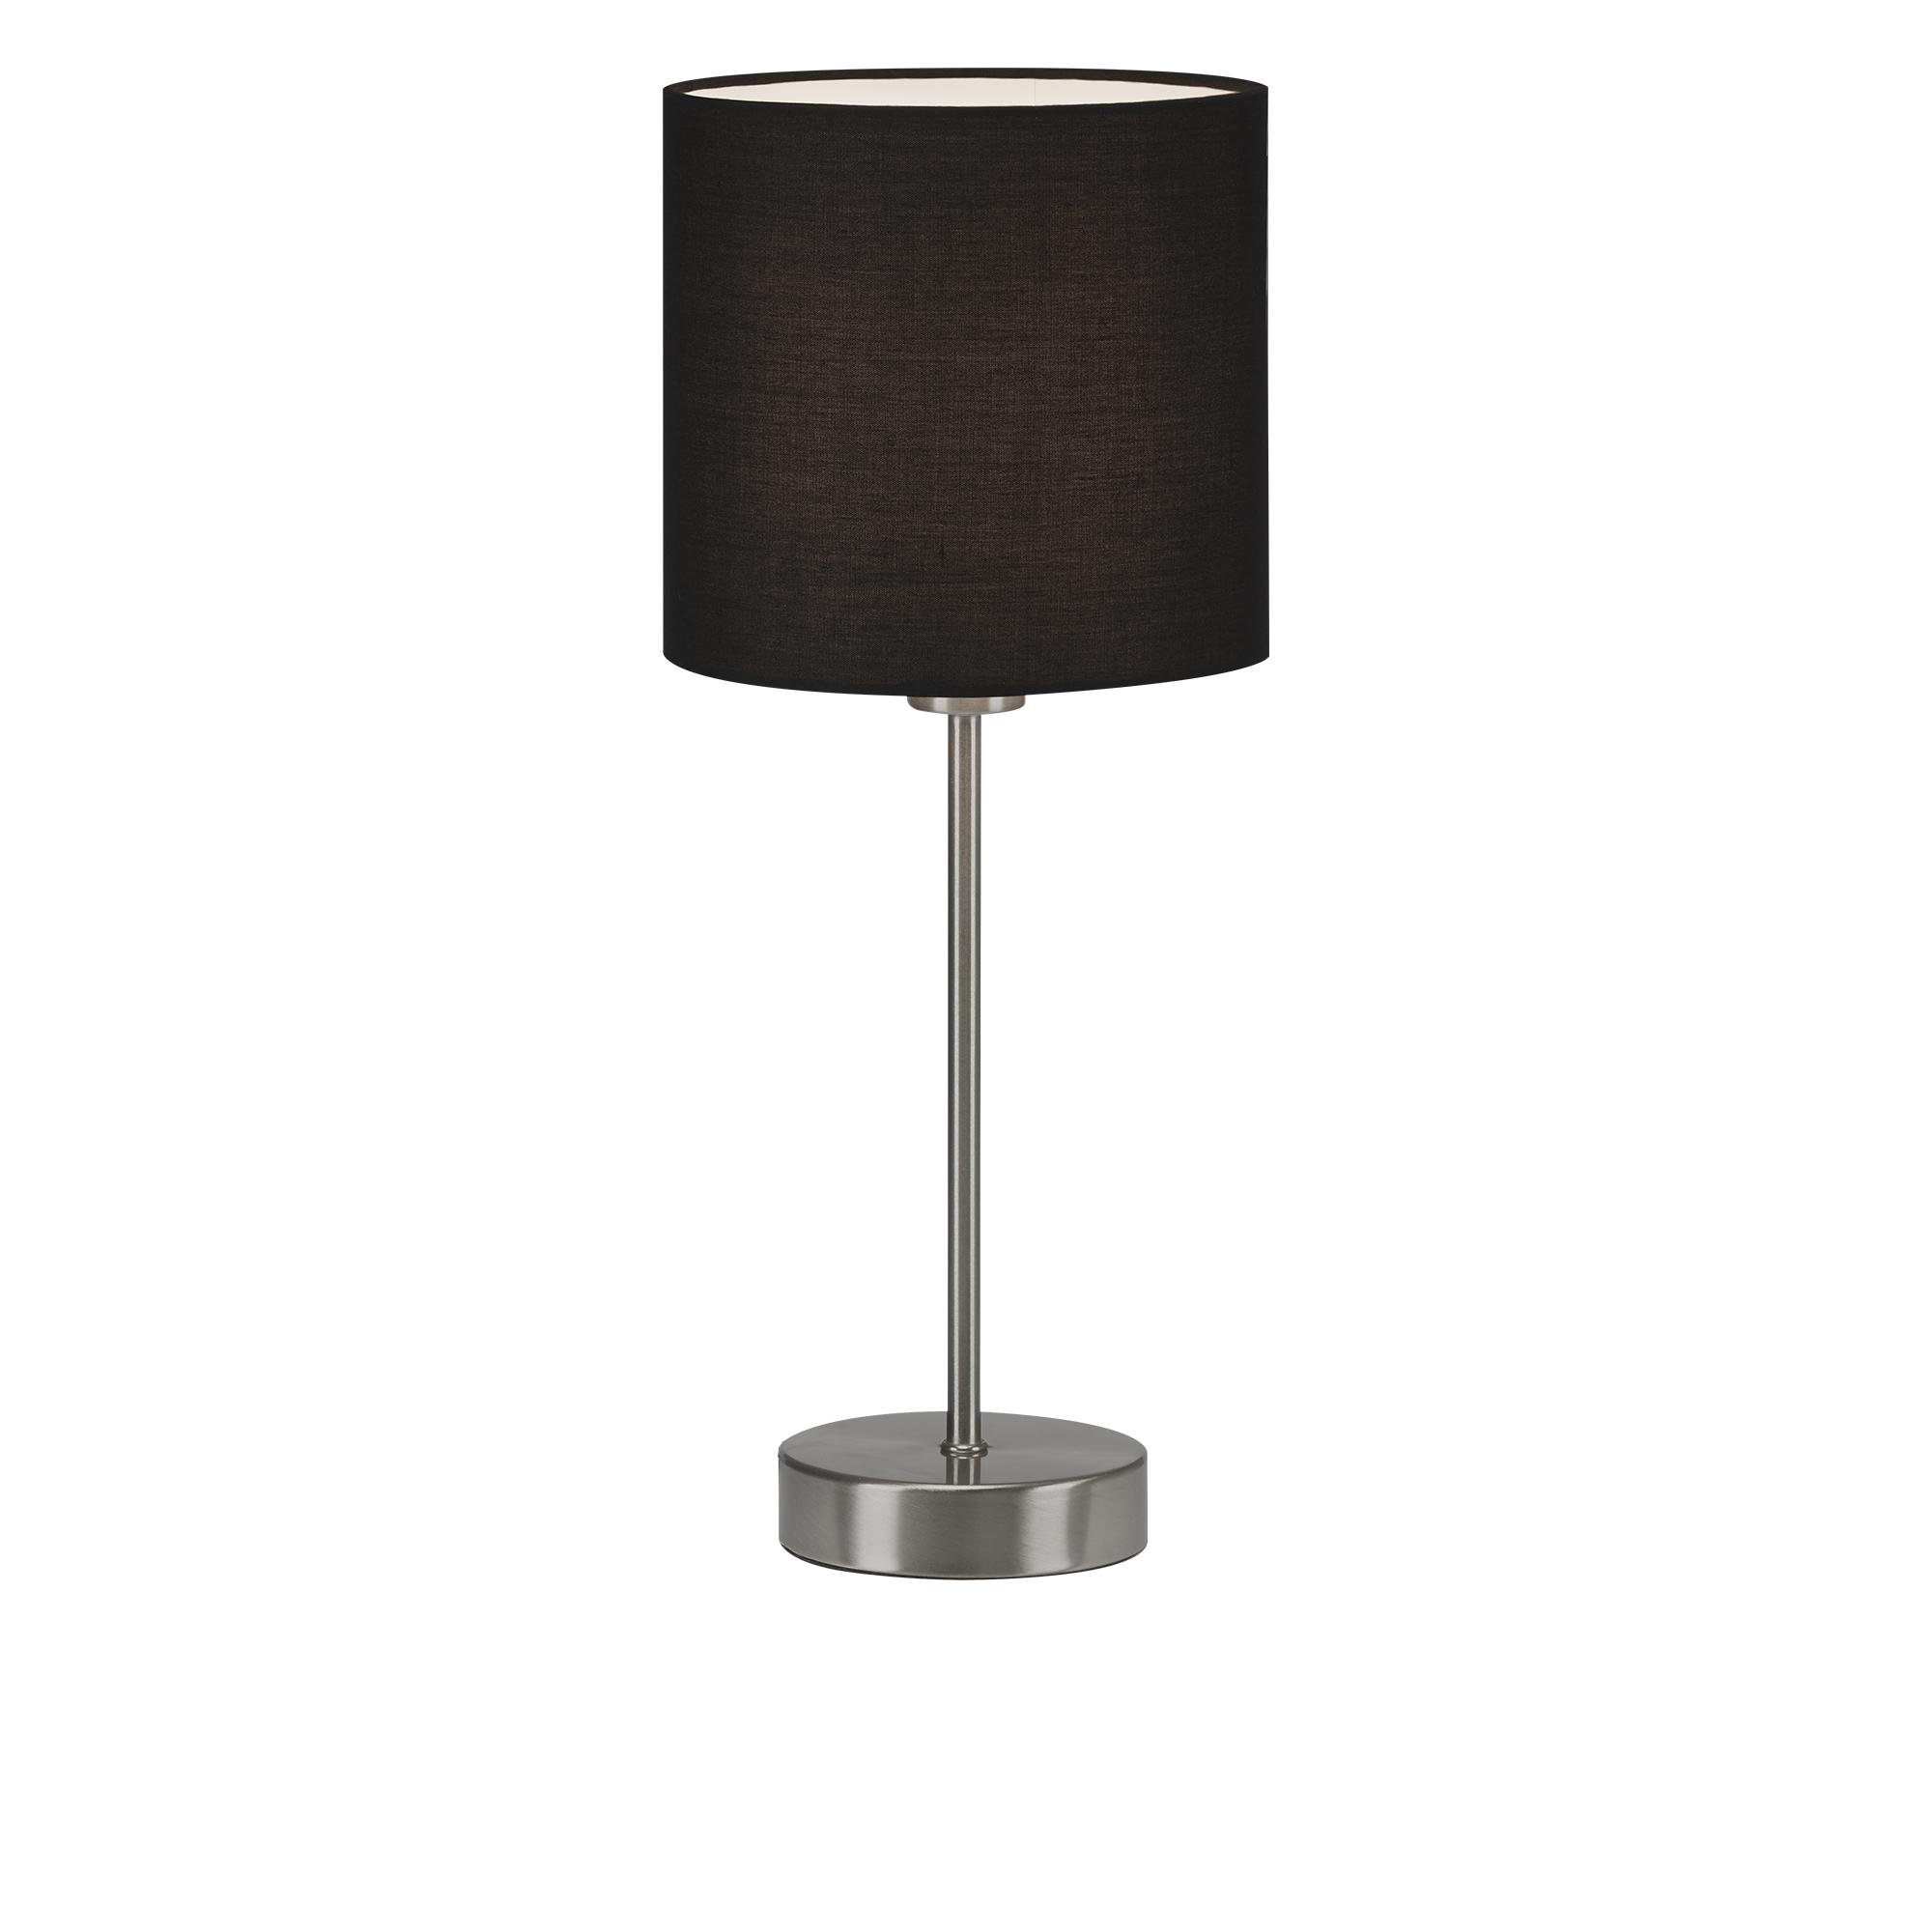 Tischleuchte, max. 25 W, 38,5 cm, Schwarz